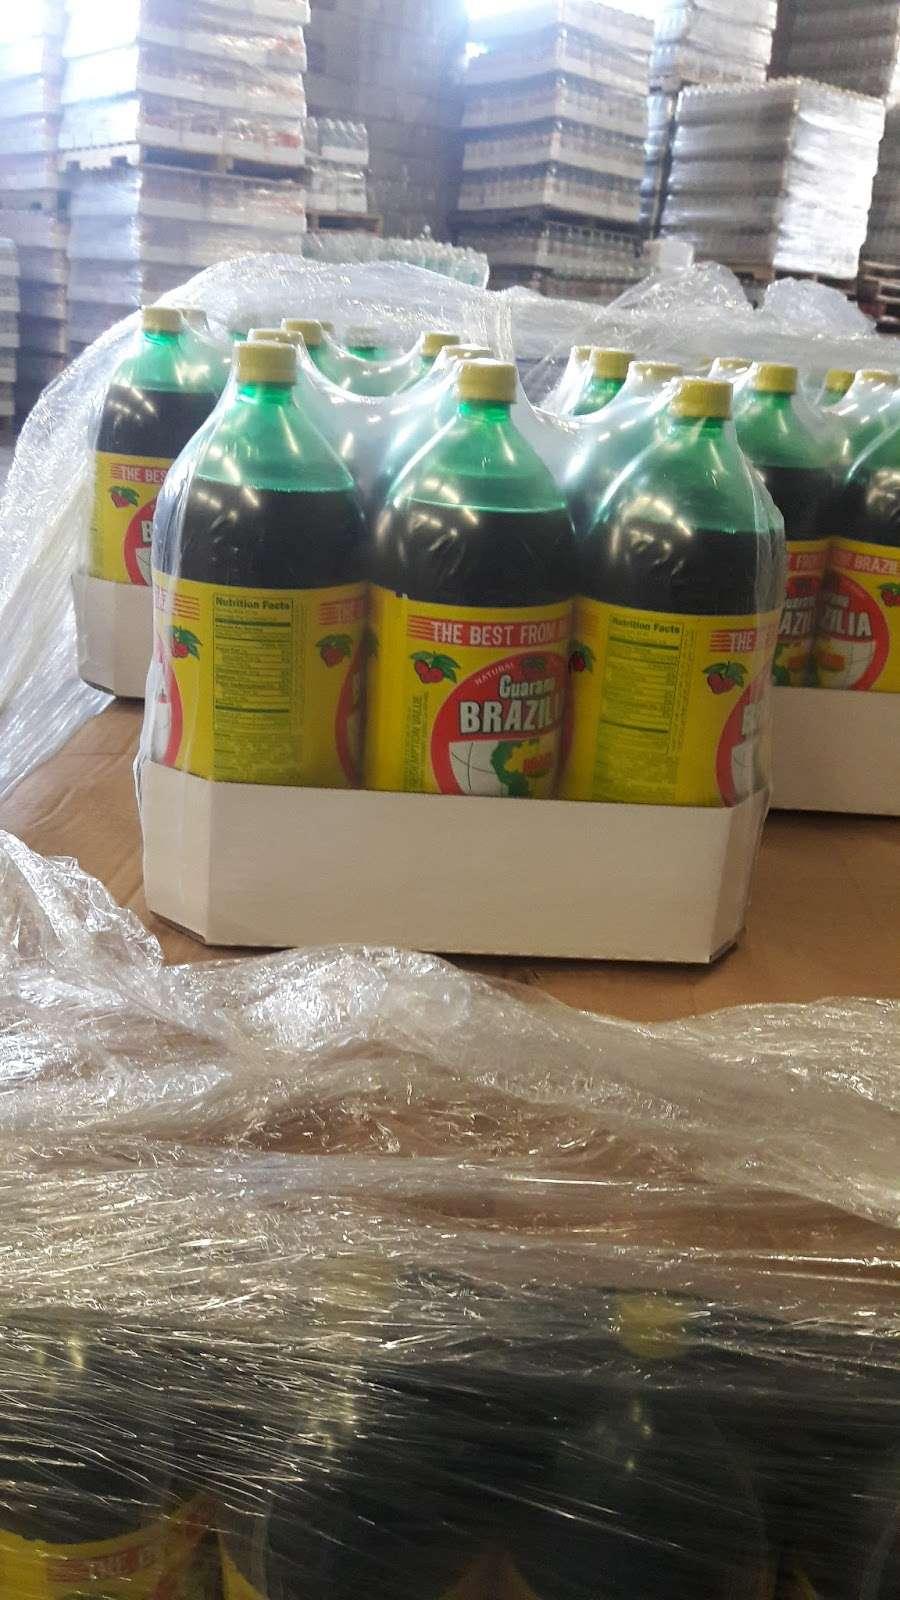 Vigor Soda - store  | Photo 3 of 4 | Address: 174 Sandford Ave, Kearny, NJ 07032, USA | Phone: (201) 991-2342